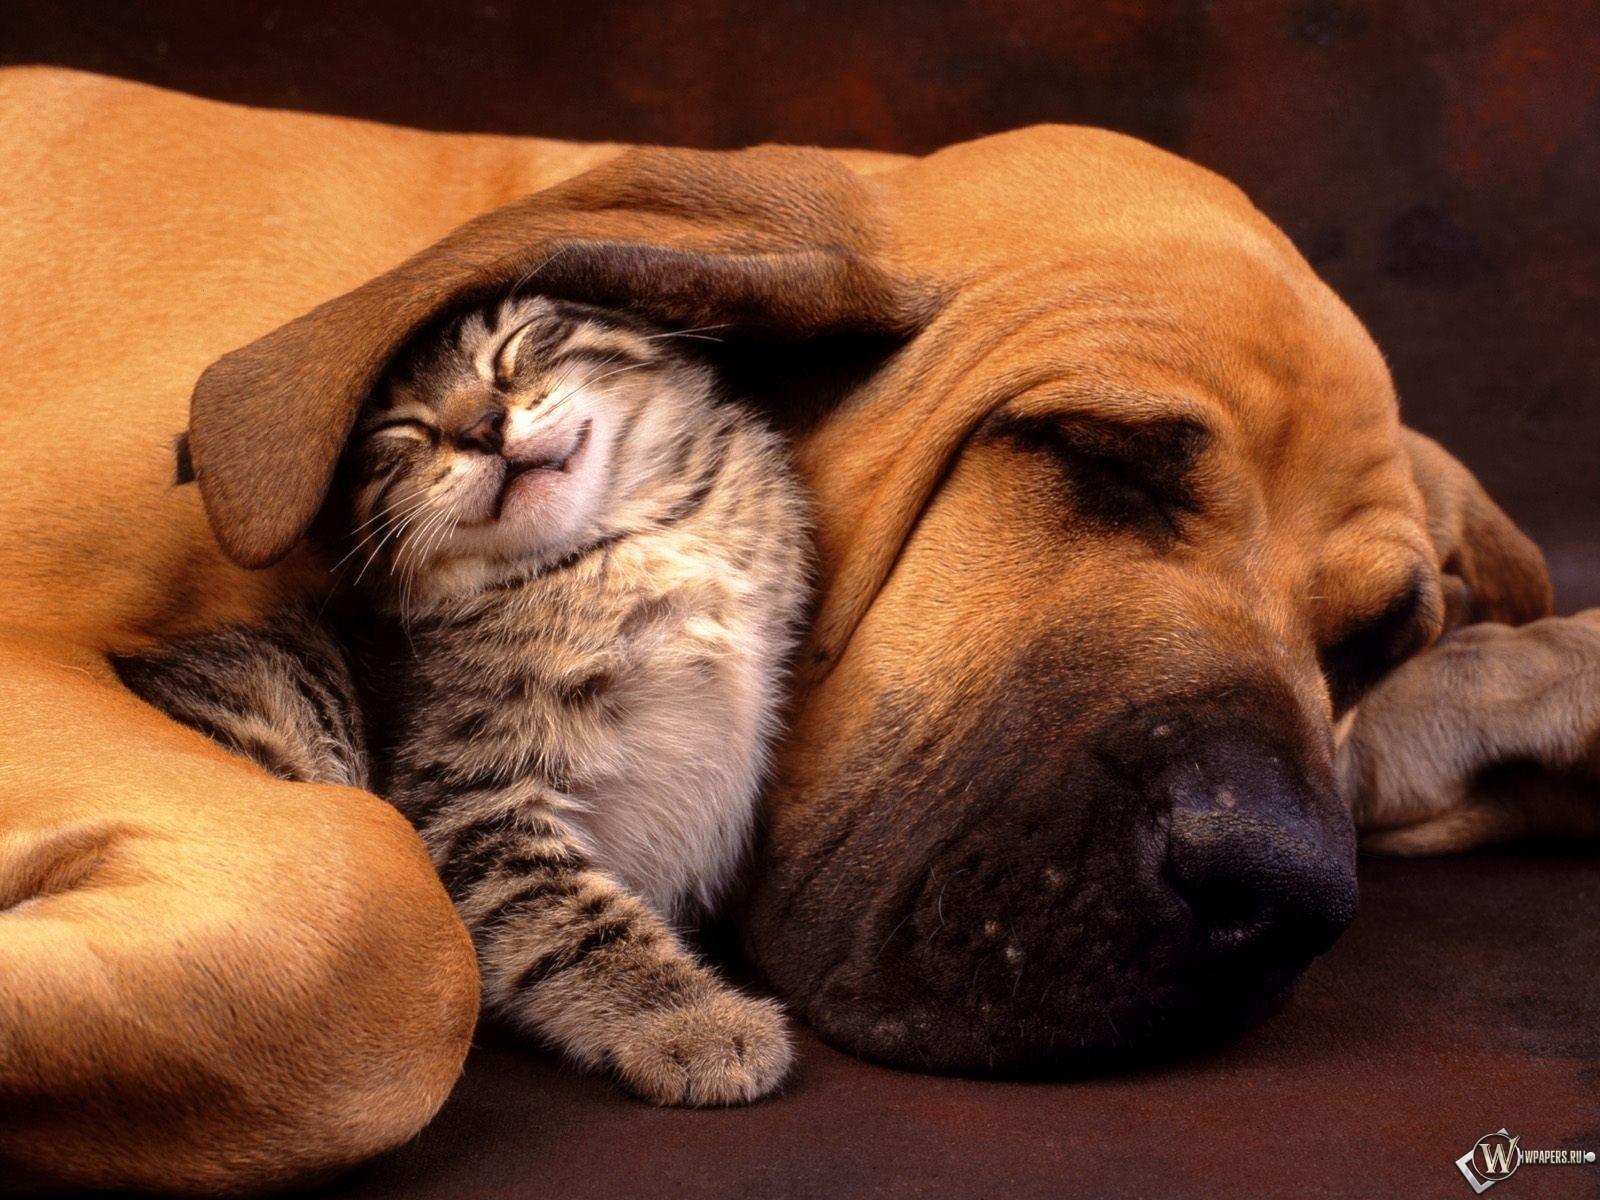 Котенок под ухом собаки 1600x1200